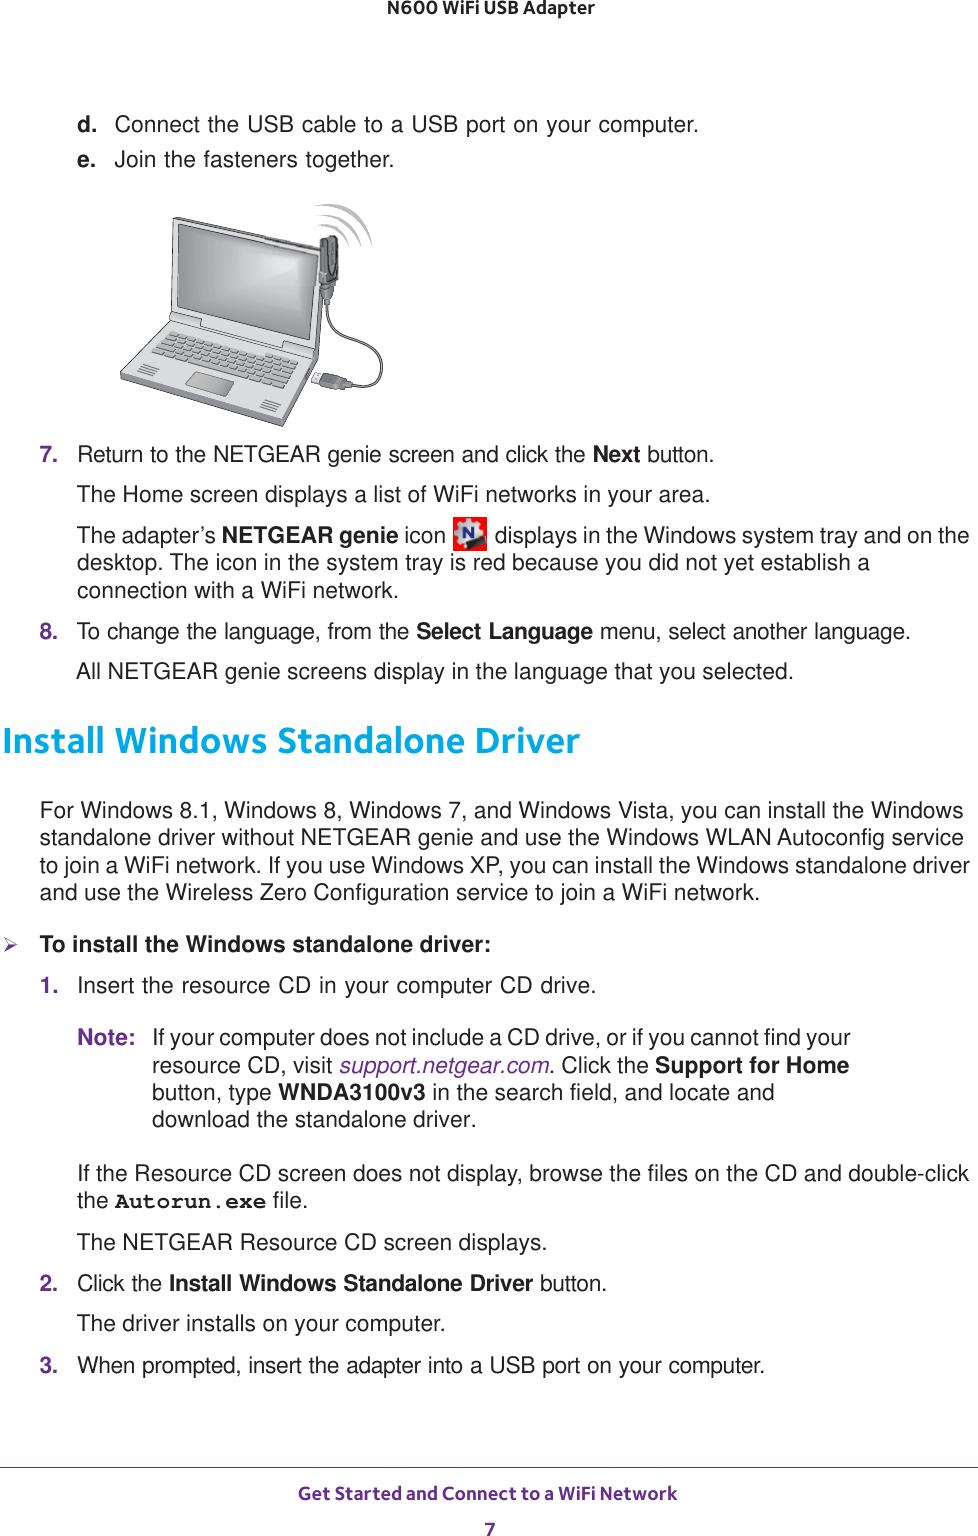 Netgear Wnda3100V3 User Guide N600 WiFi USB Adapter